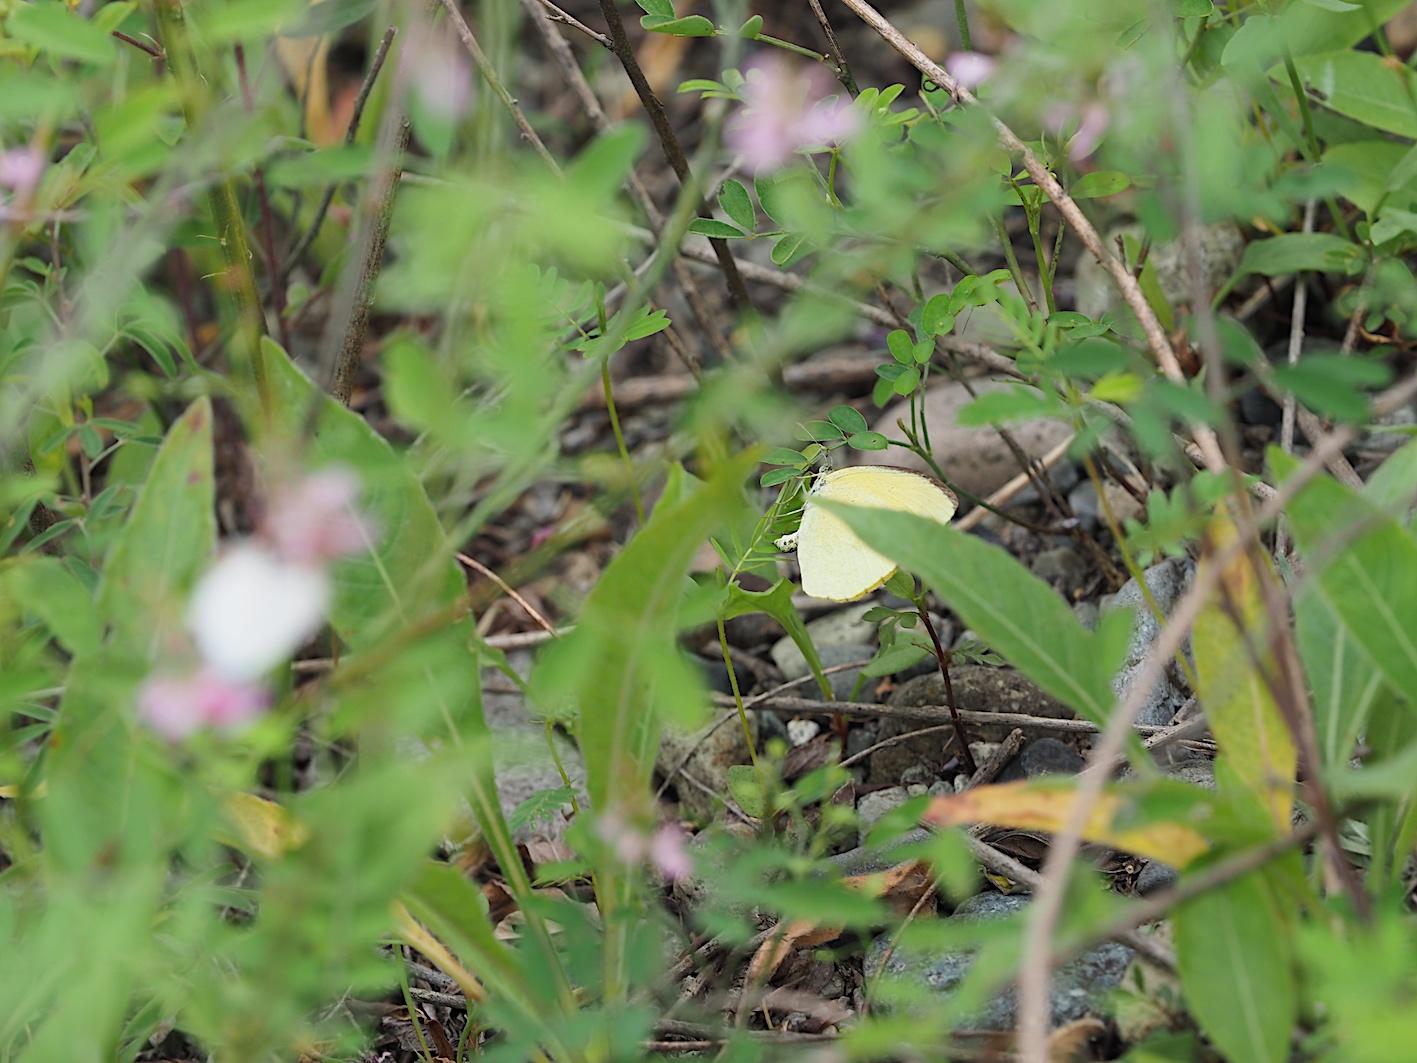 ツマグロキチョウの産卵シーン(2019年7月14日)_d0303129_14343562.jpg